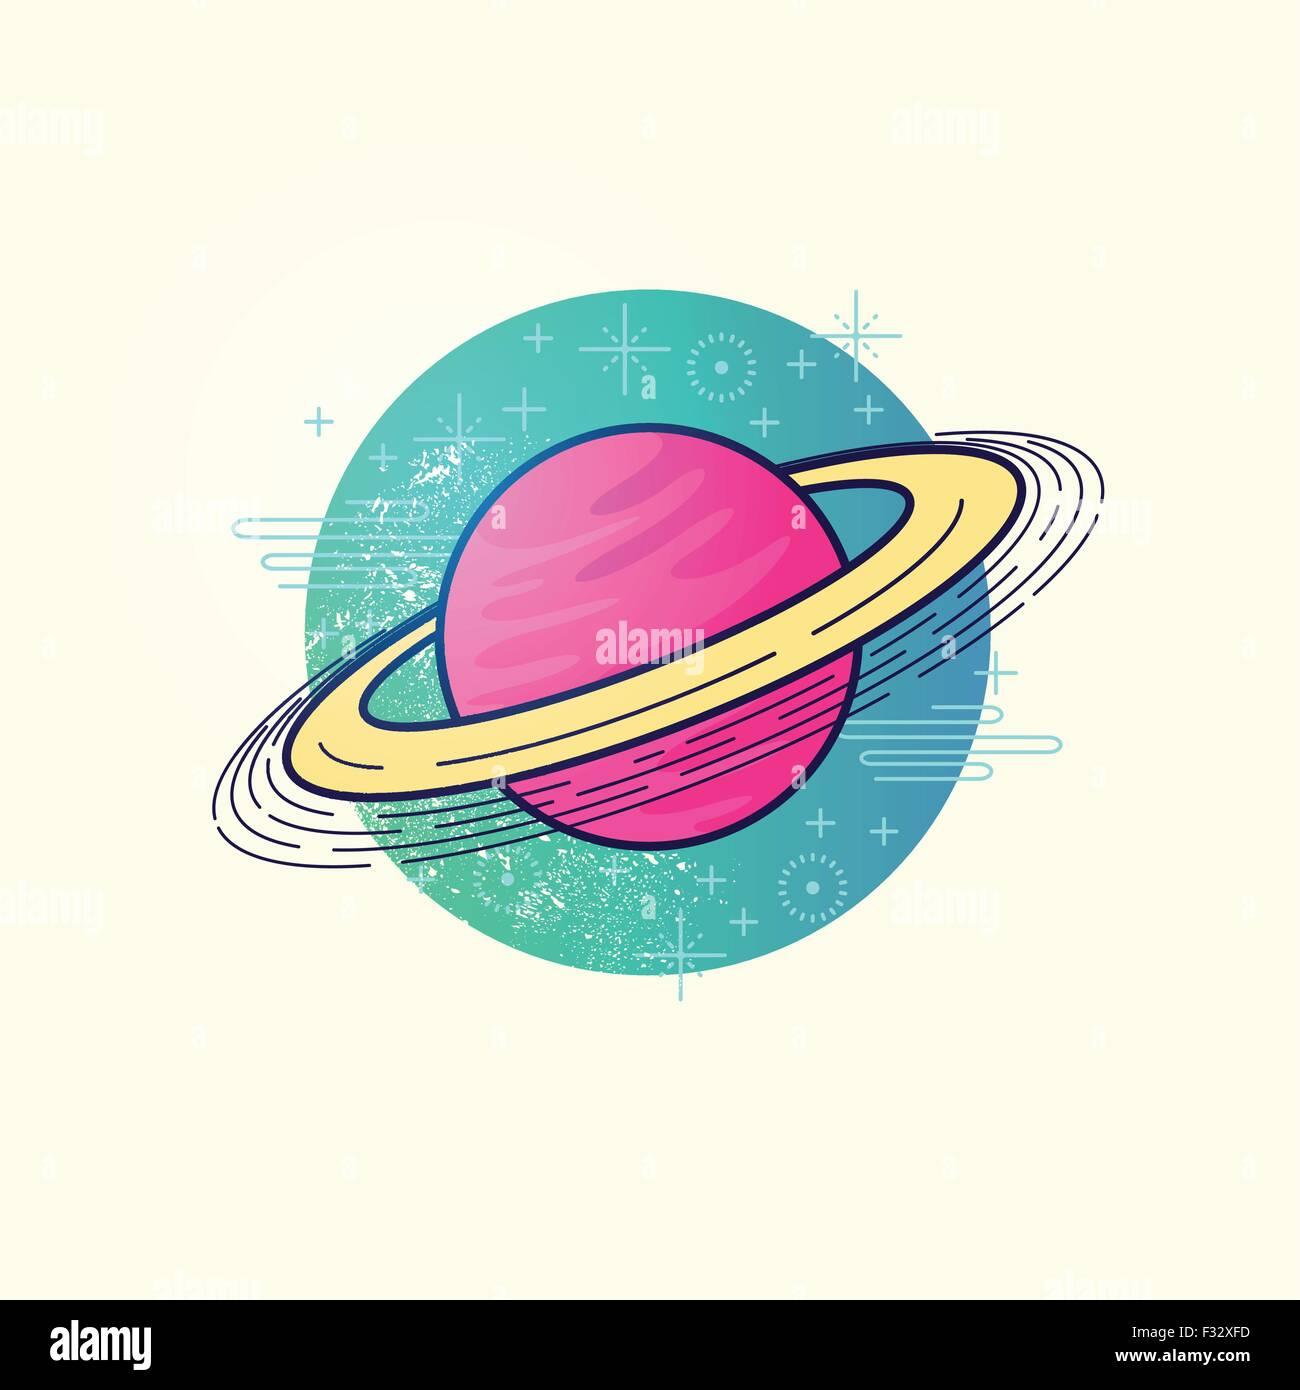 Raumzeiger Planeten. Eine große Gas-Planeten mit einem Ringsystem. Vektor-illustration Stockbild